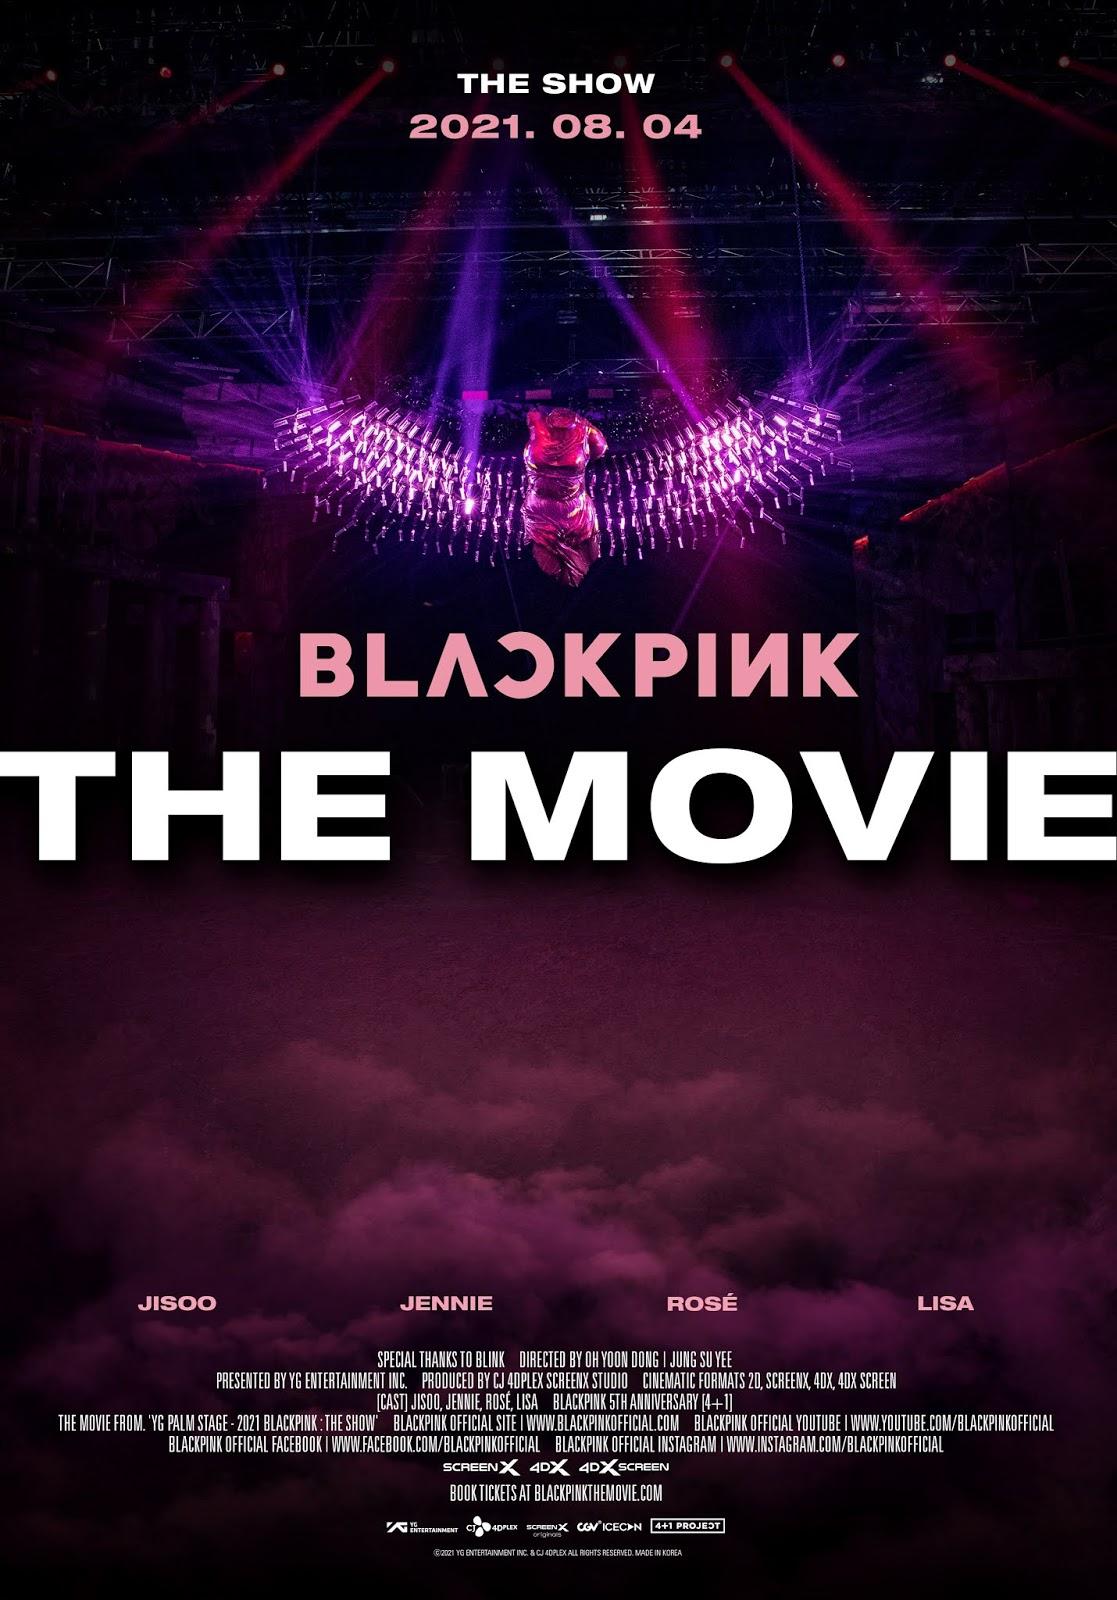 BLACKPINK The Movie, la película de BLACKPINK de K-Pop del 2021